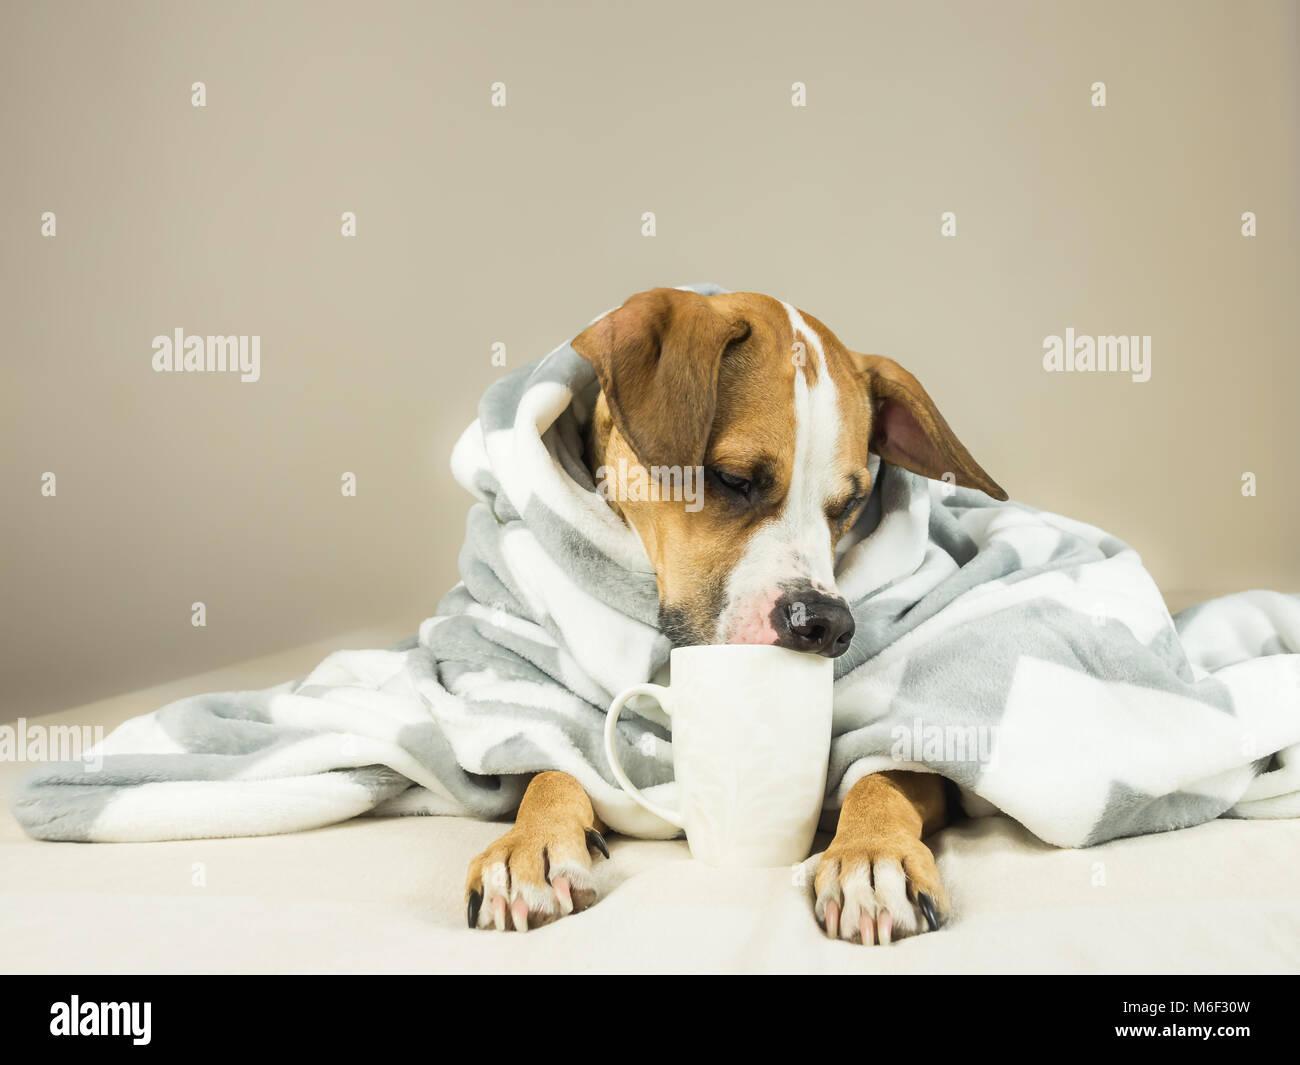 Lindo Perro Gracioso Posando En La Cama Con Cuadros Escoceses Y La